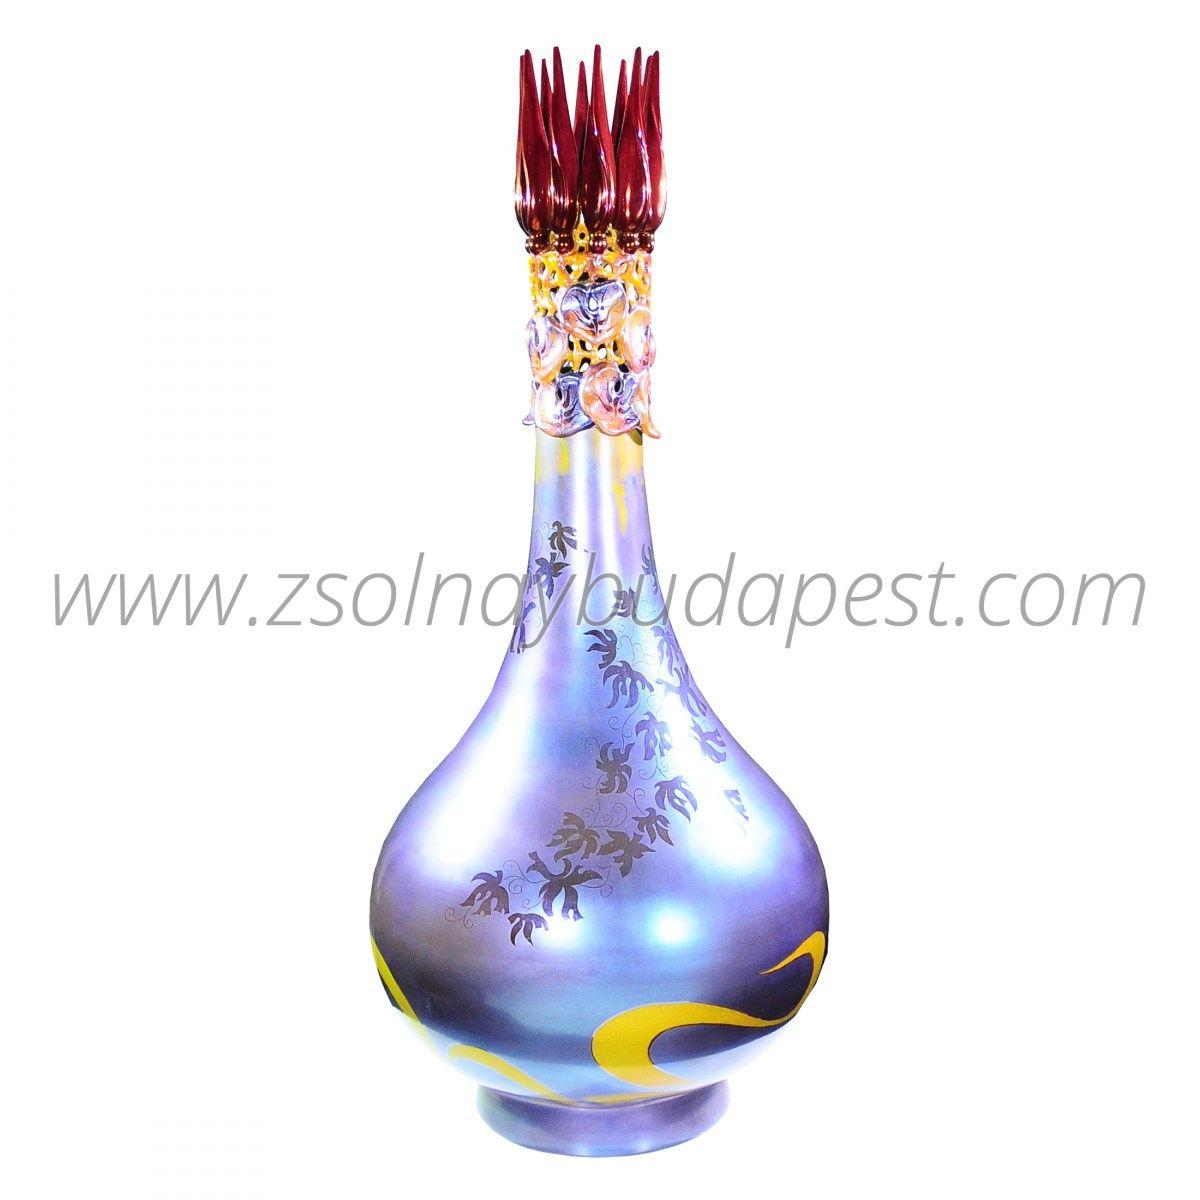 Limited Edition Lotus Eosin Vase Collector's piece